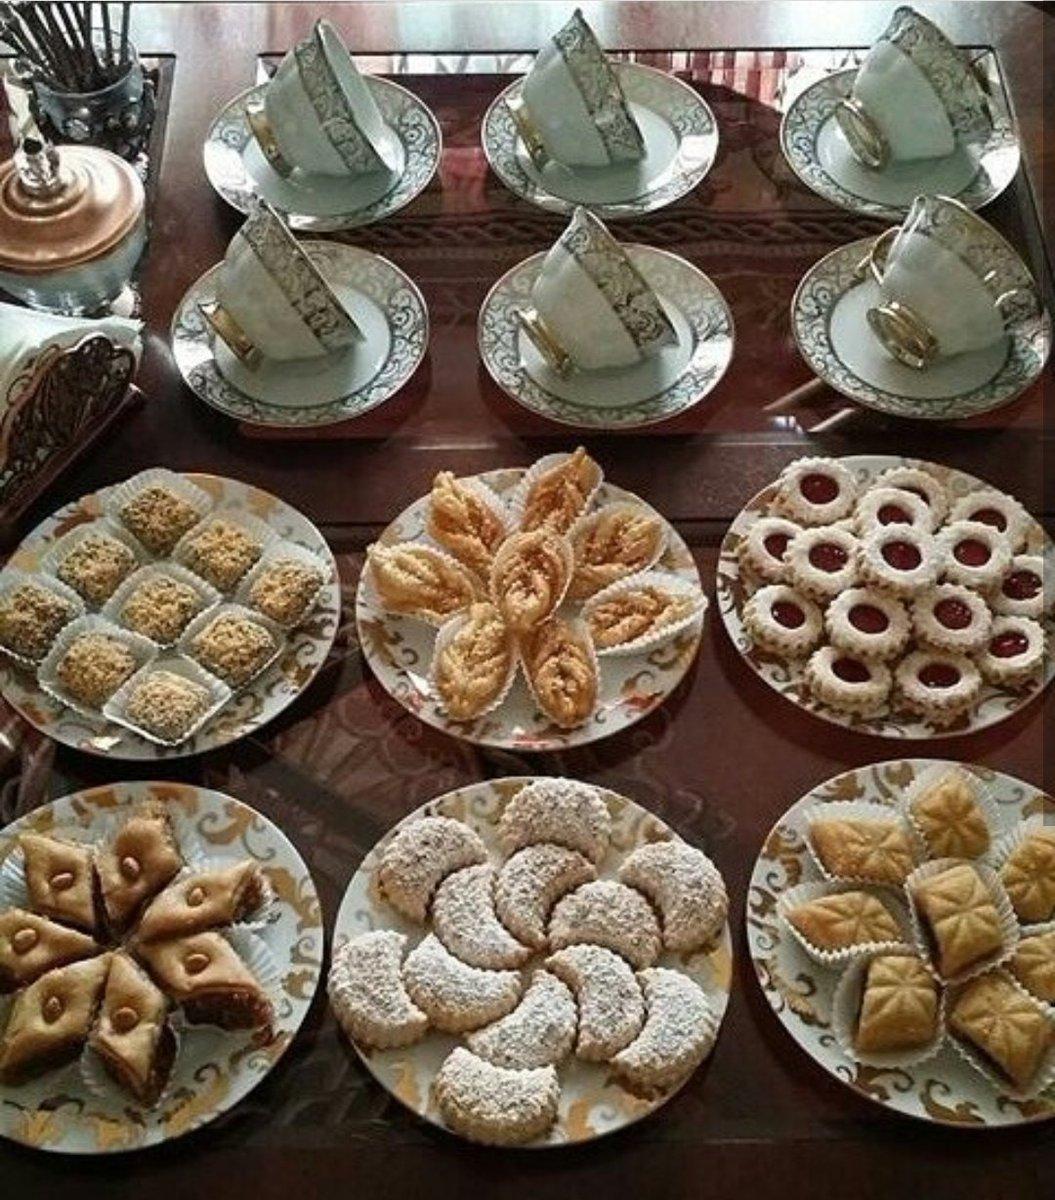 صورة حلويات جزائرية بسيطة بالصور , اجمل الحلويات الجزائرية بالصور